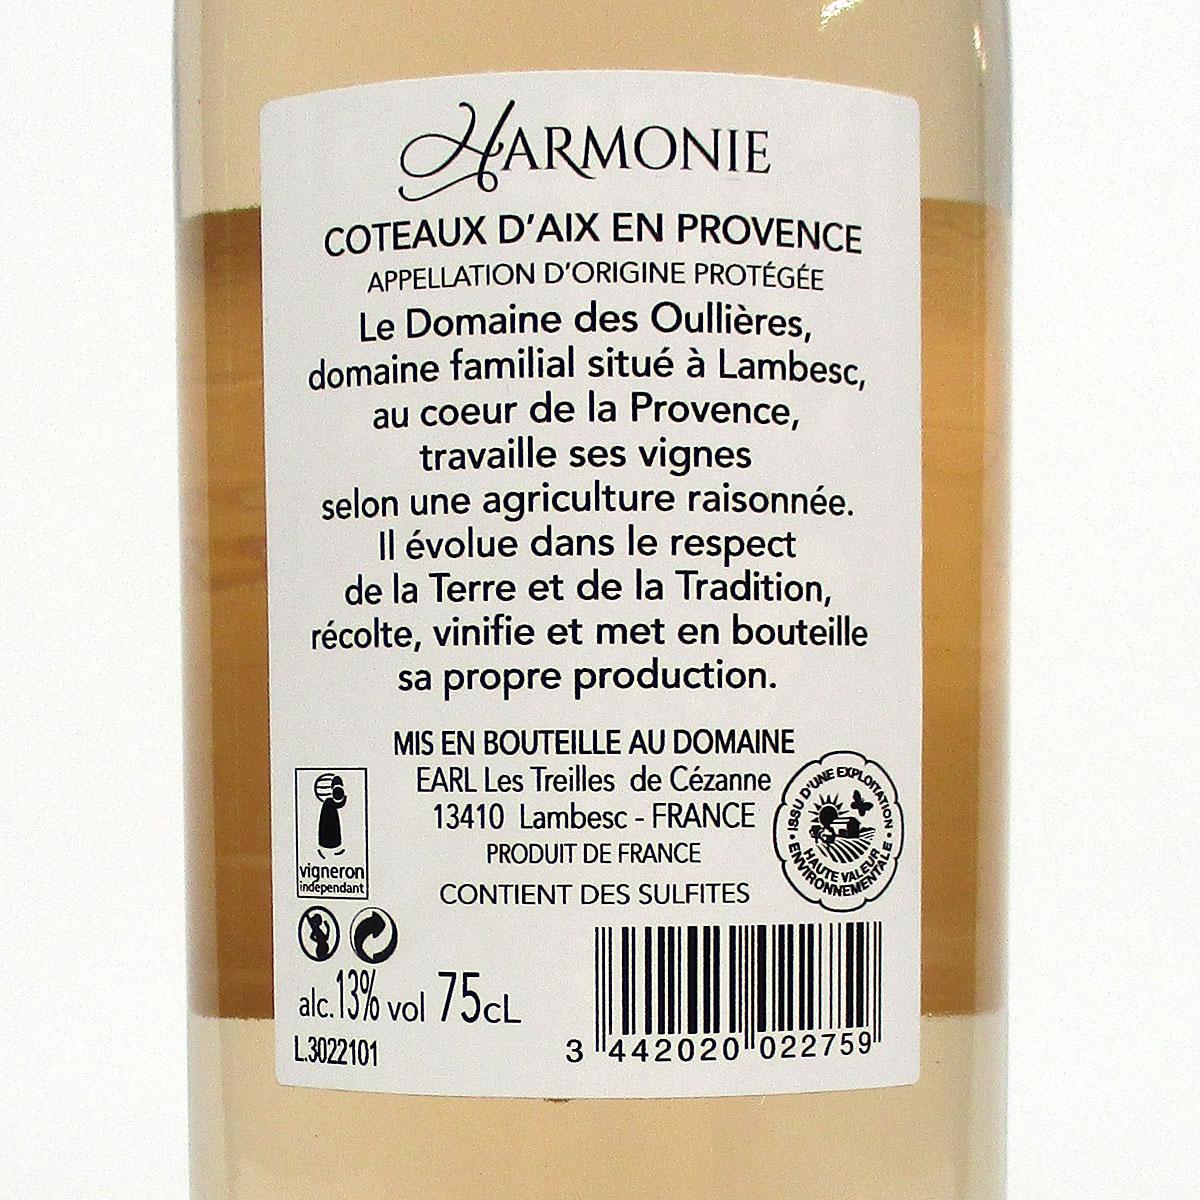 Coteaux d'Aix-en-Provence: Domaine des Oullières Rosé 2020 - Bottle Rear Label